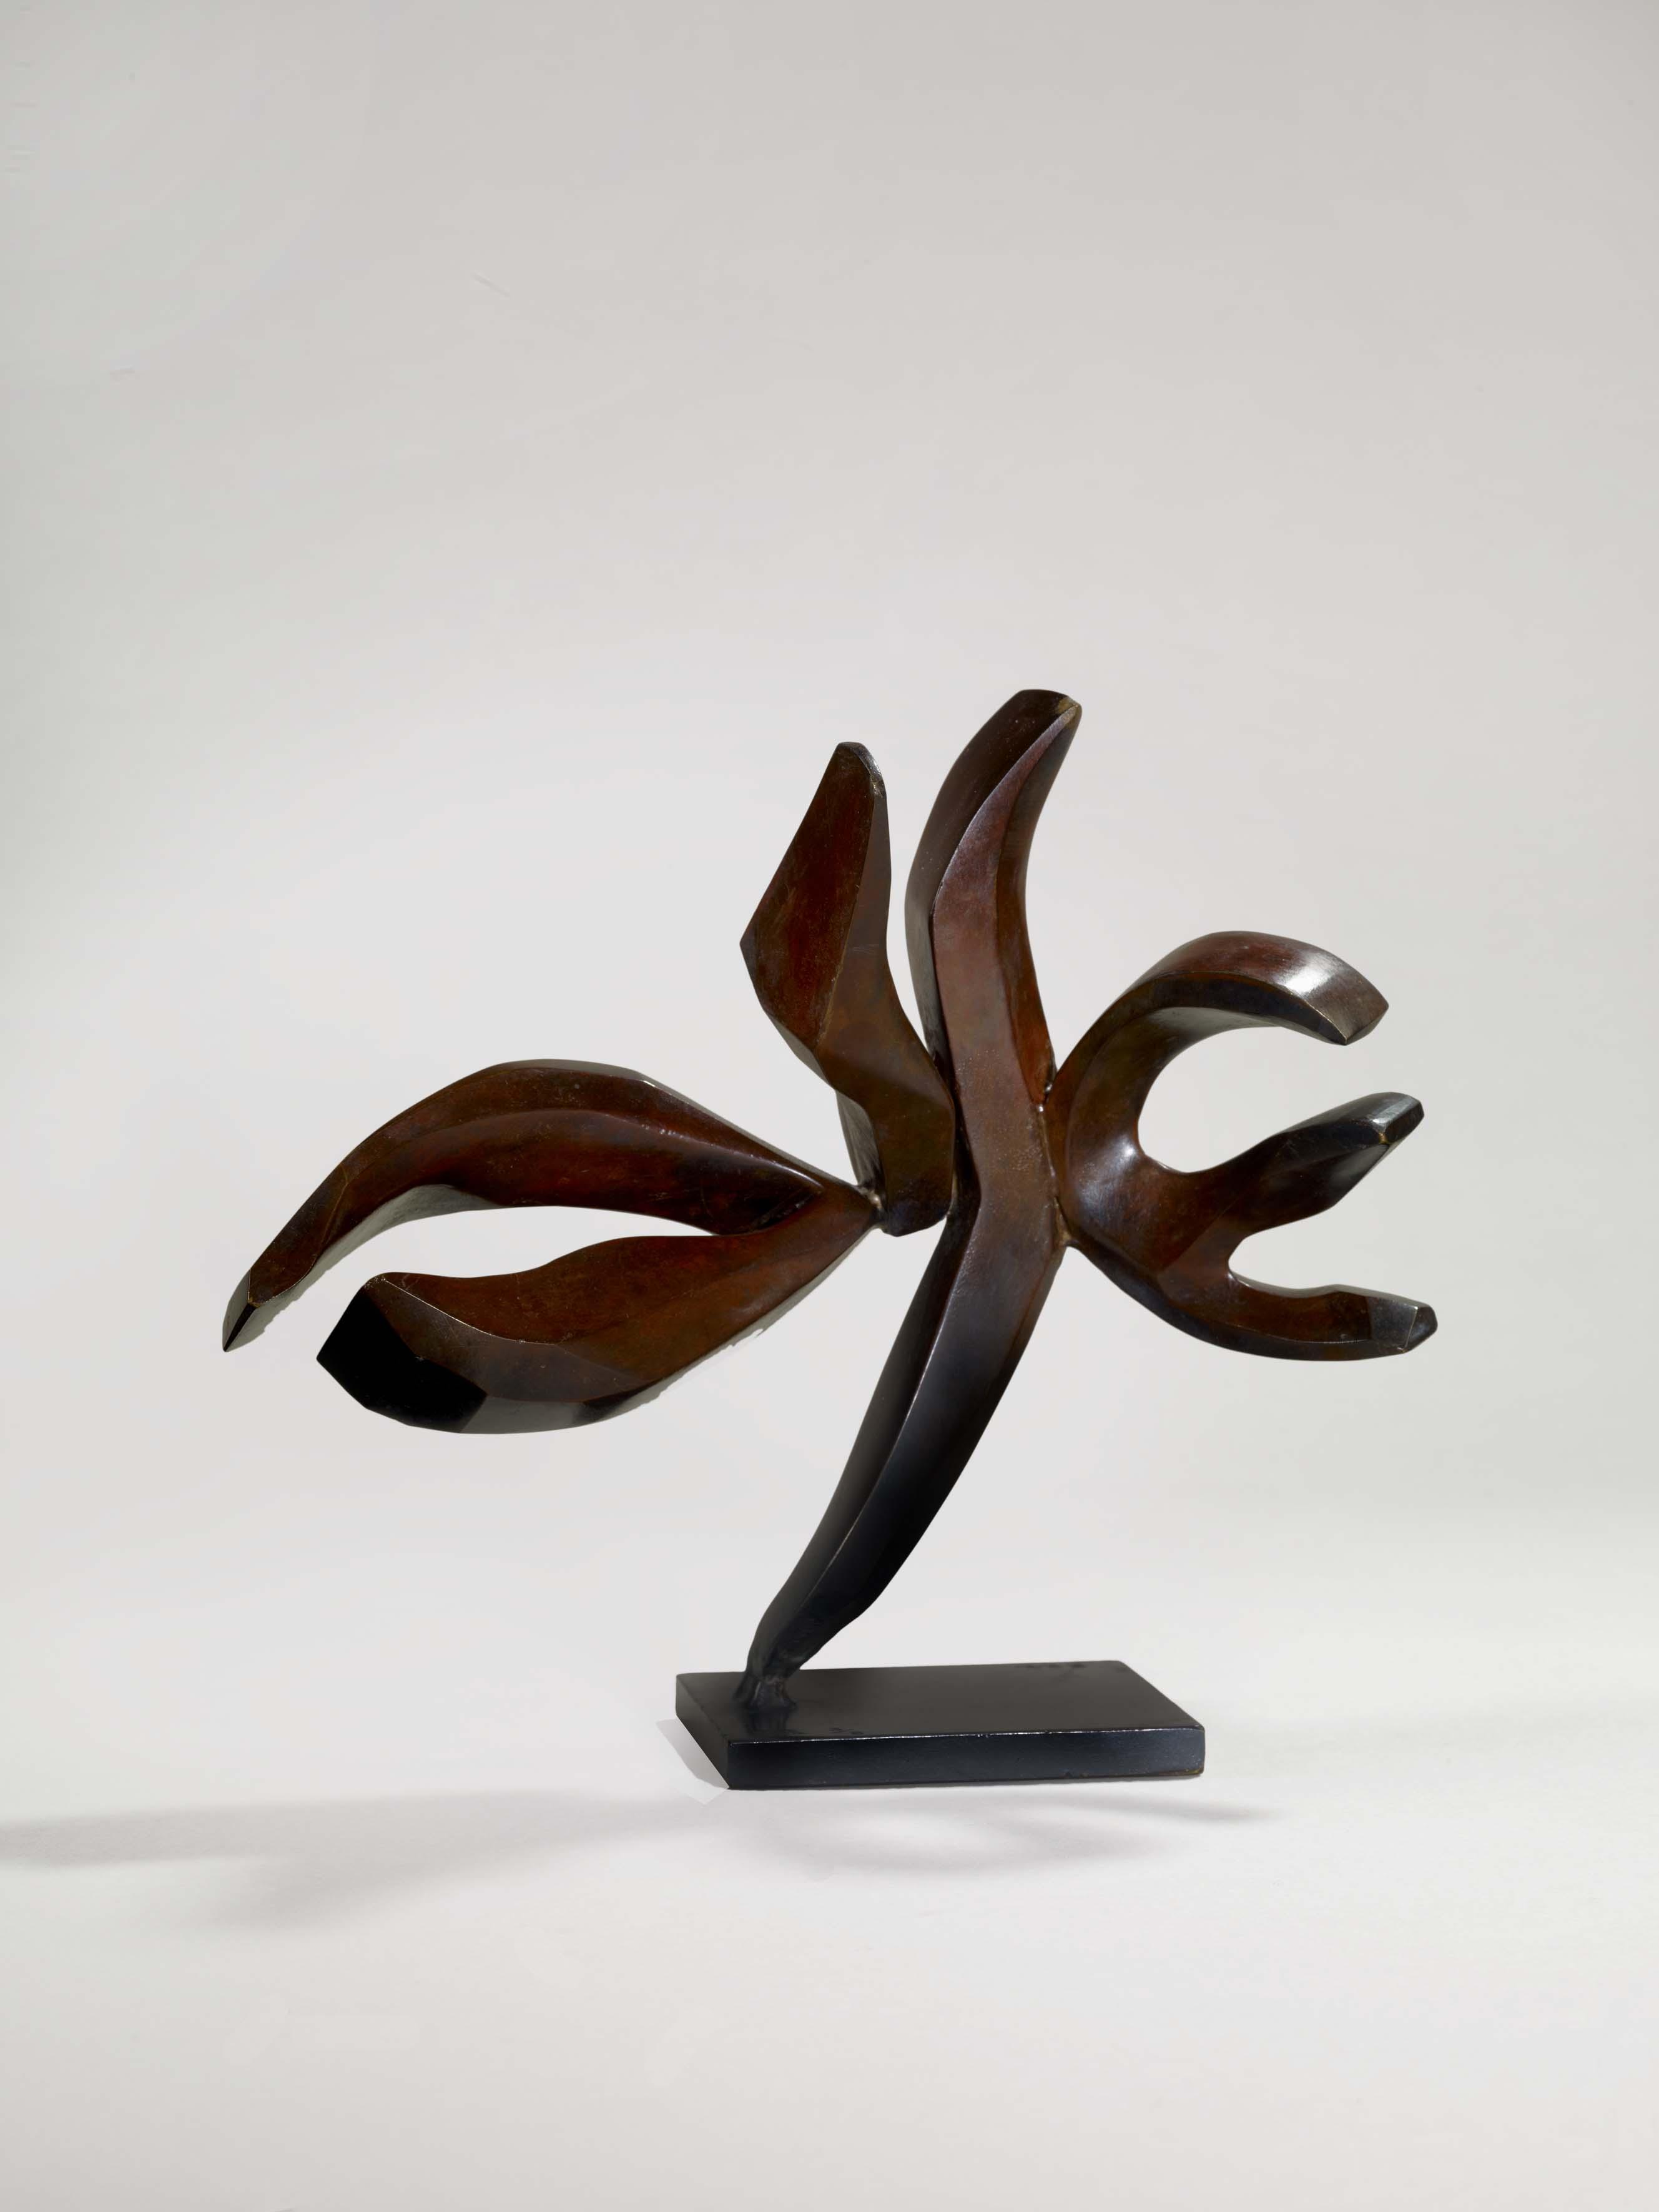 Shalom, 1998, 22 x 24 x 10 cm